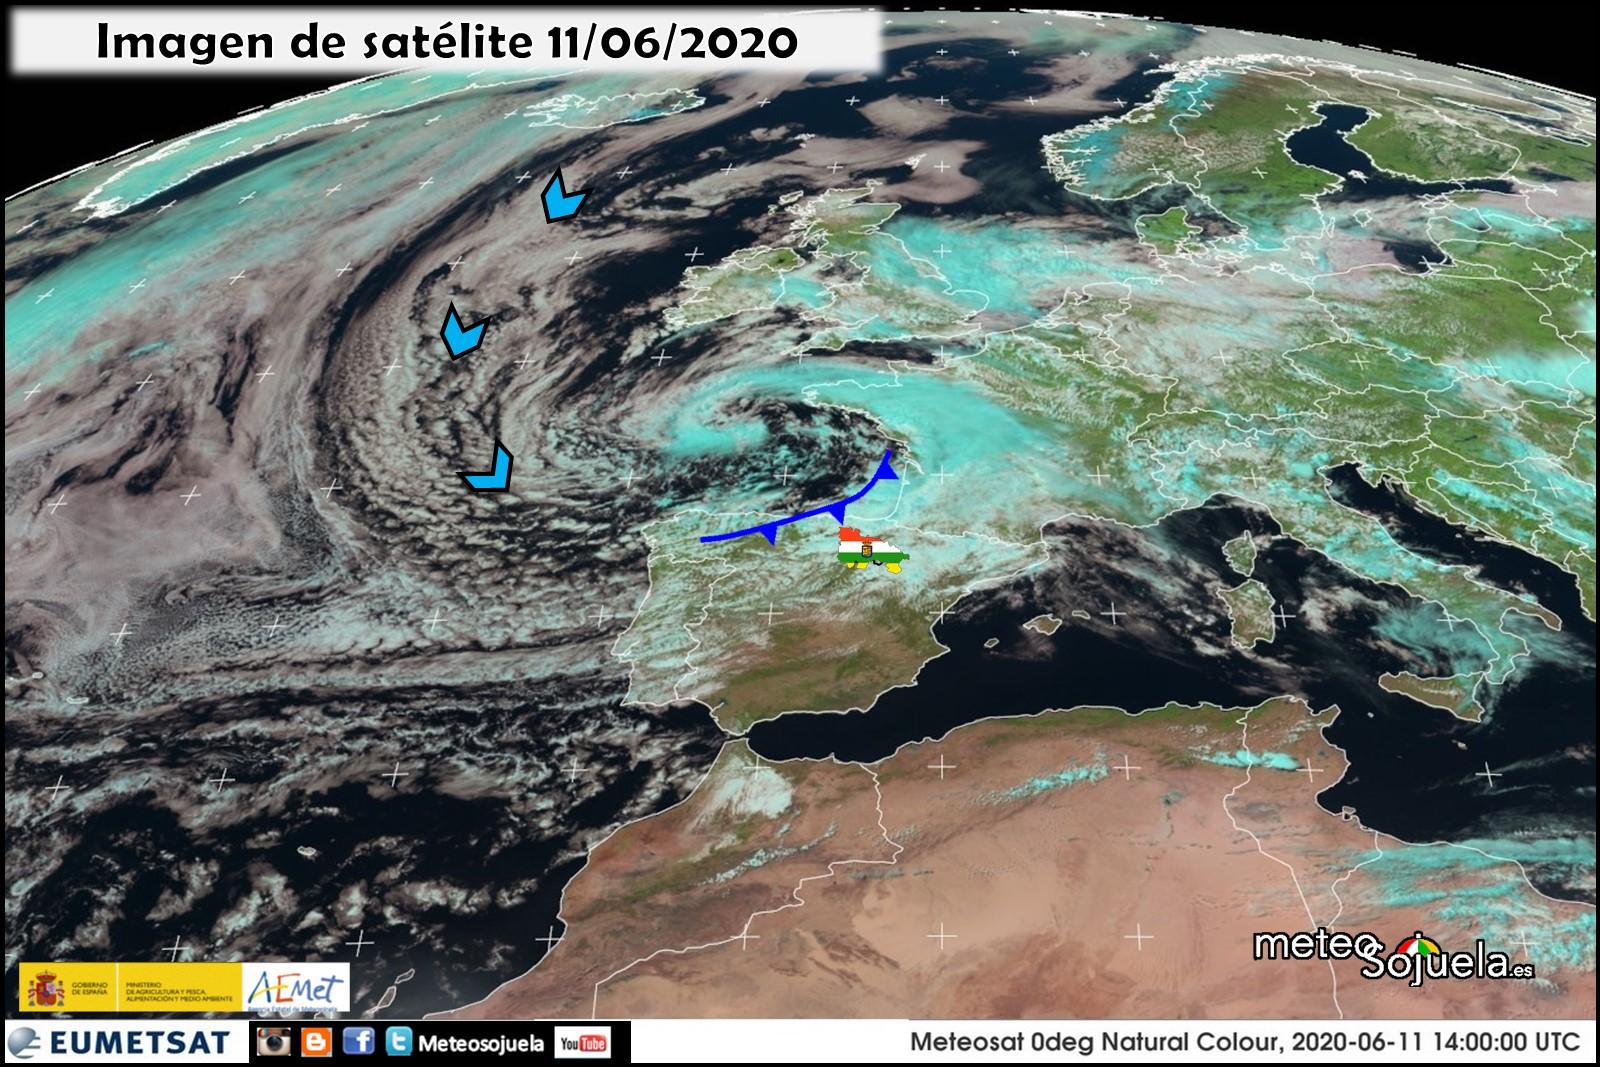 Borrasca y frente en el Atlántico. 1106 Meteosojuela